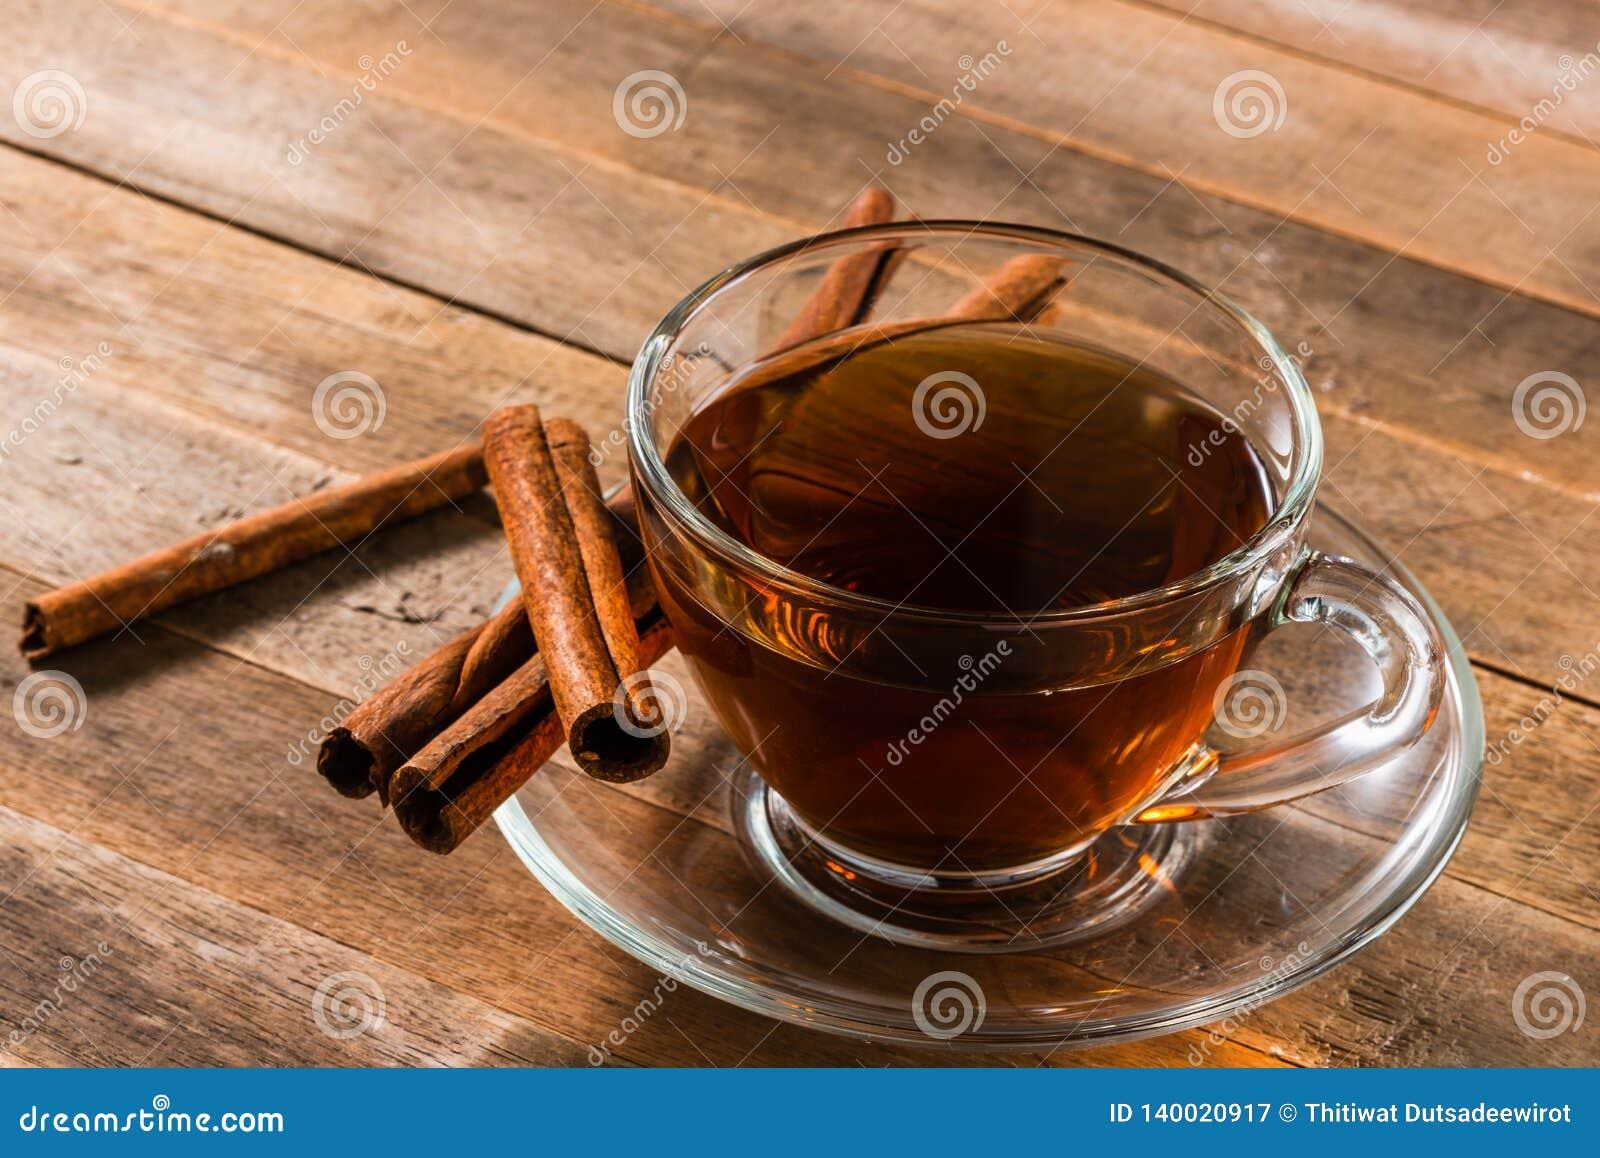 Une tasse de thé de cannelle